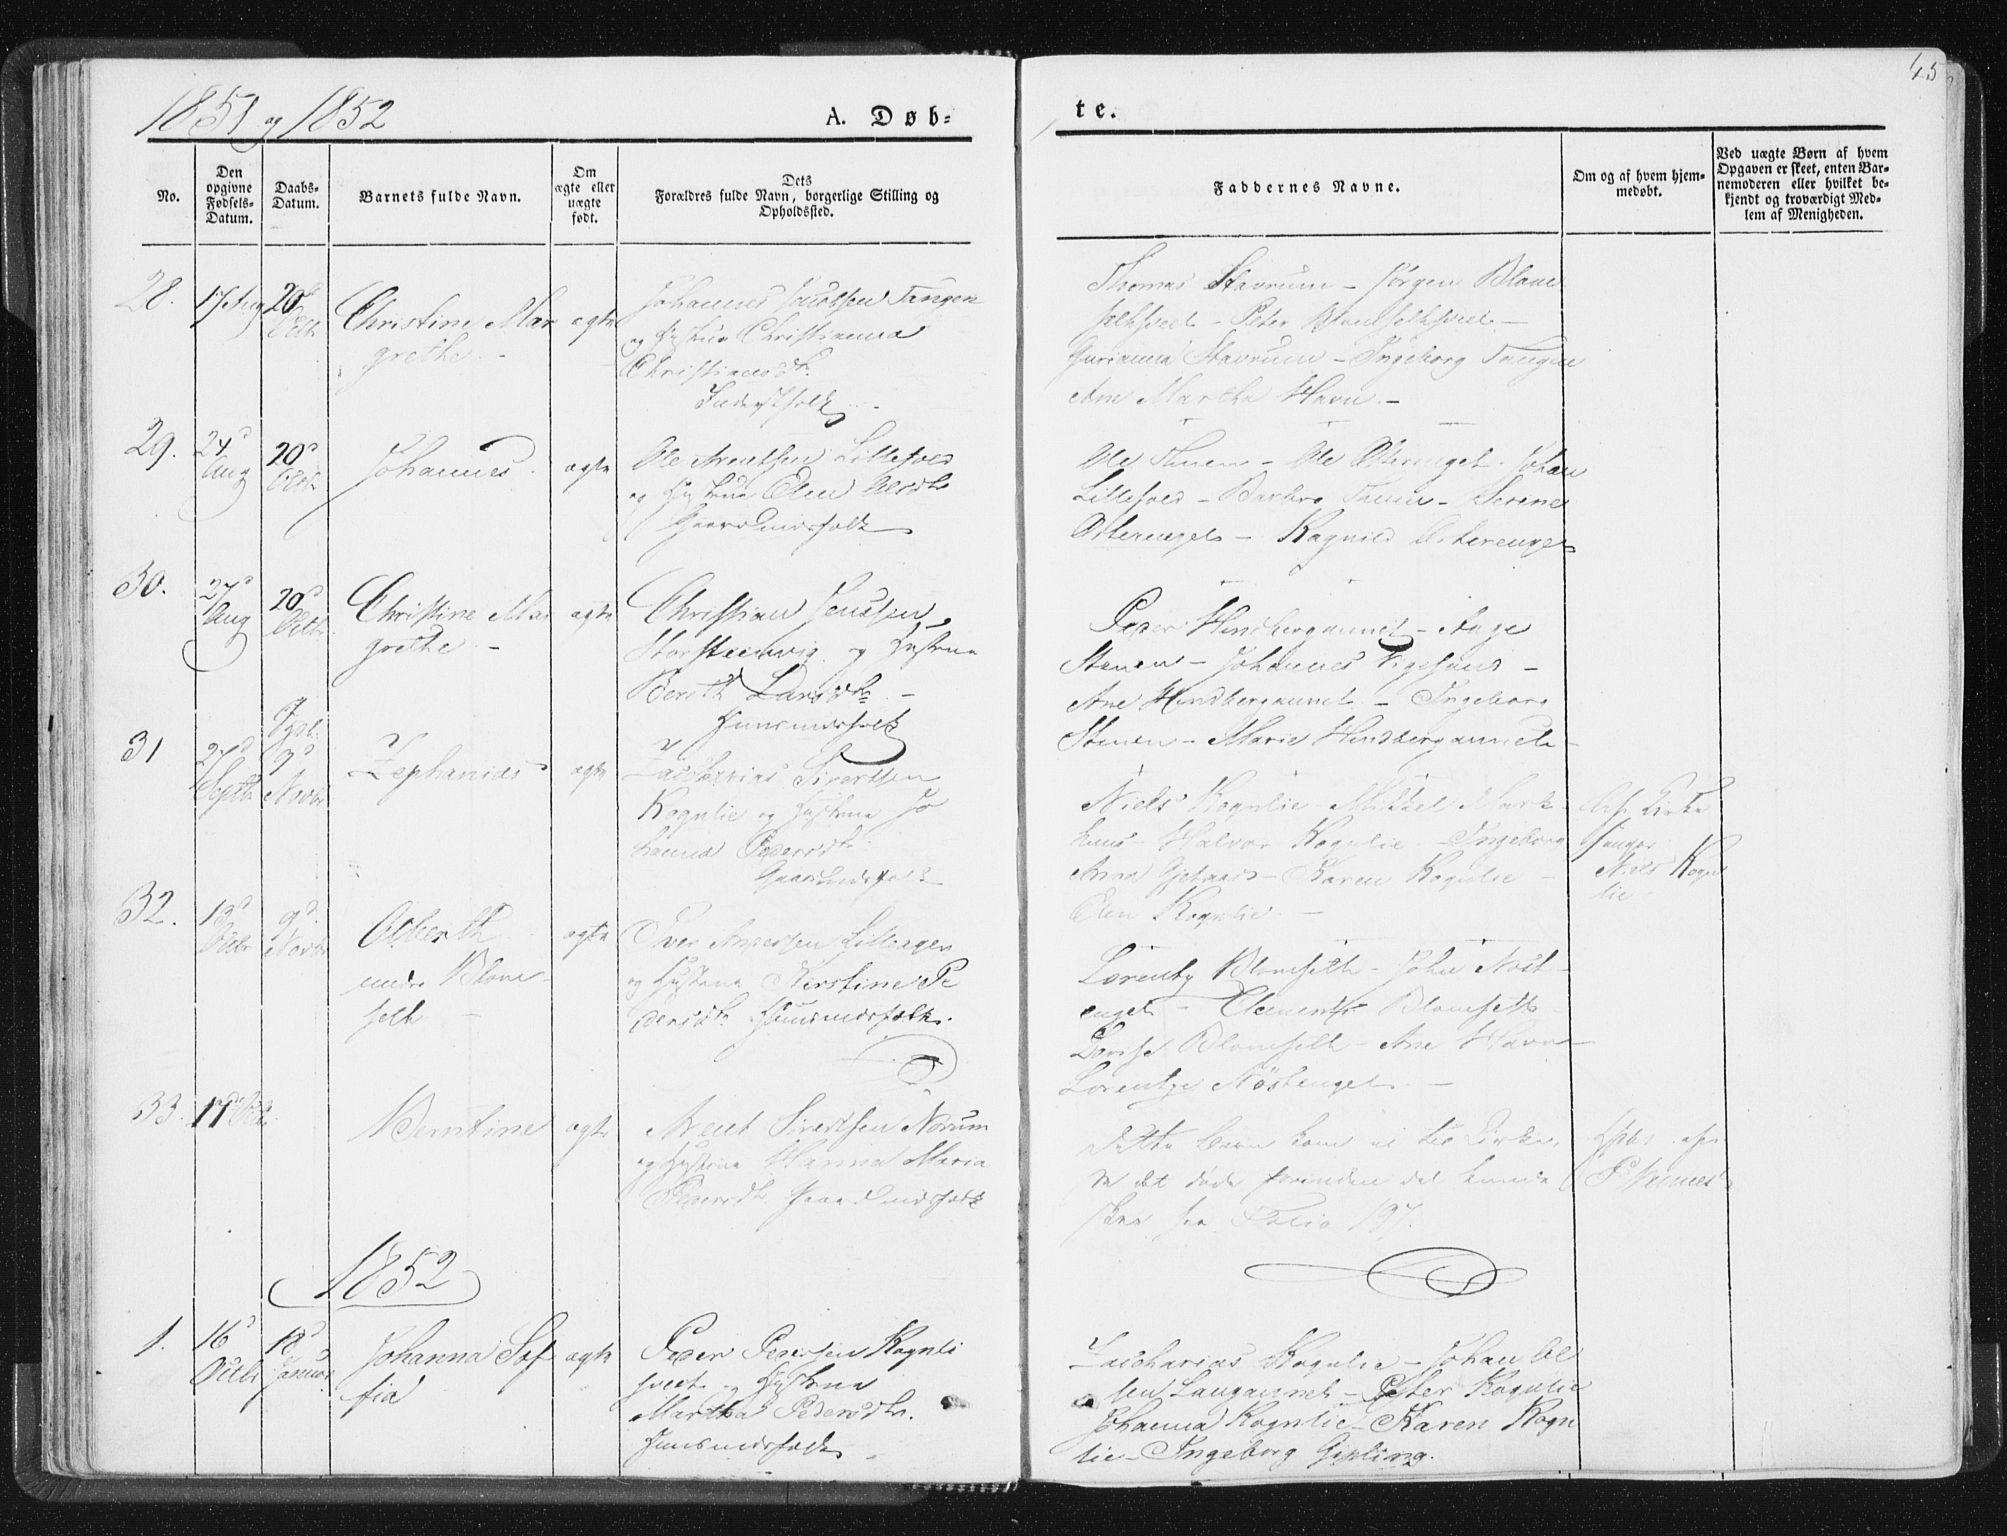 SAT, Ministerialprotokoller, klokkerbøker og fødselsregistre - Nord-Trøndelag, 744/L0418: Ministerialbok nr. 744A02, 1843-1866, s. 45